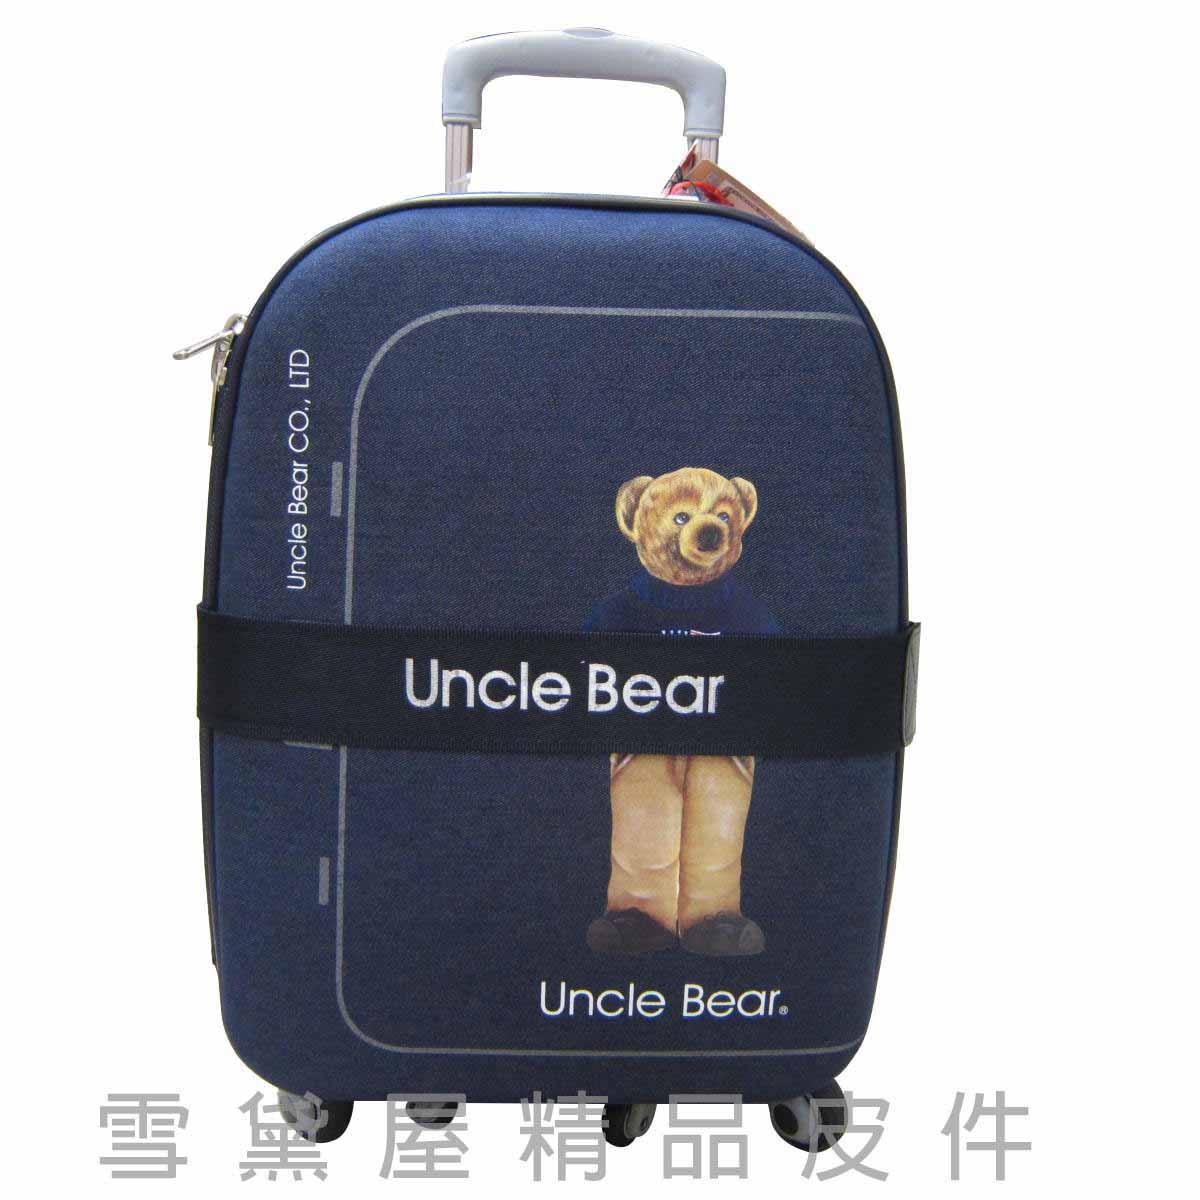 ~雪黛屋~Uncle Bear 熊熊叔叔 行李箱單寧防水布新式三段式鋁合金拉桿可加大附國際海關鎖 UB1020B